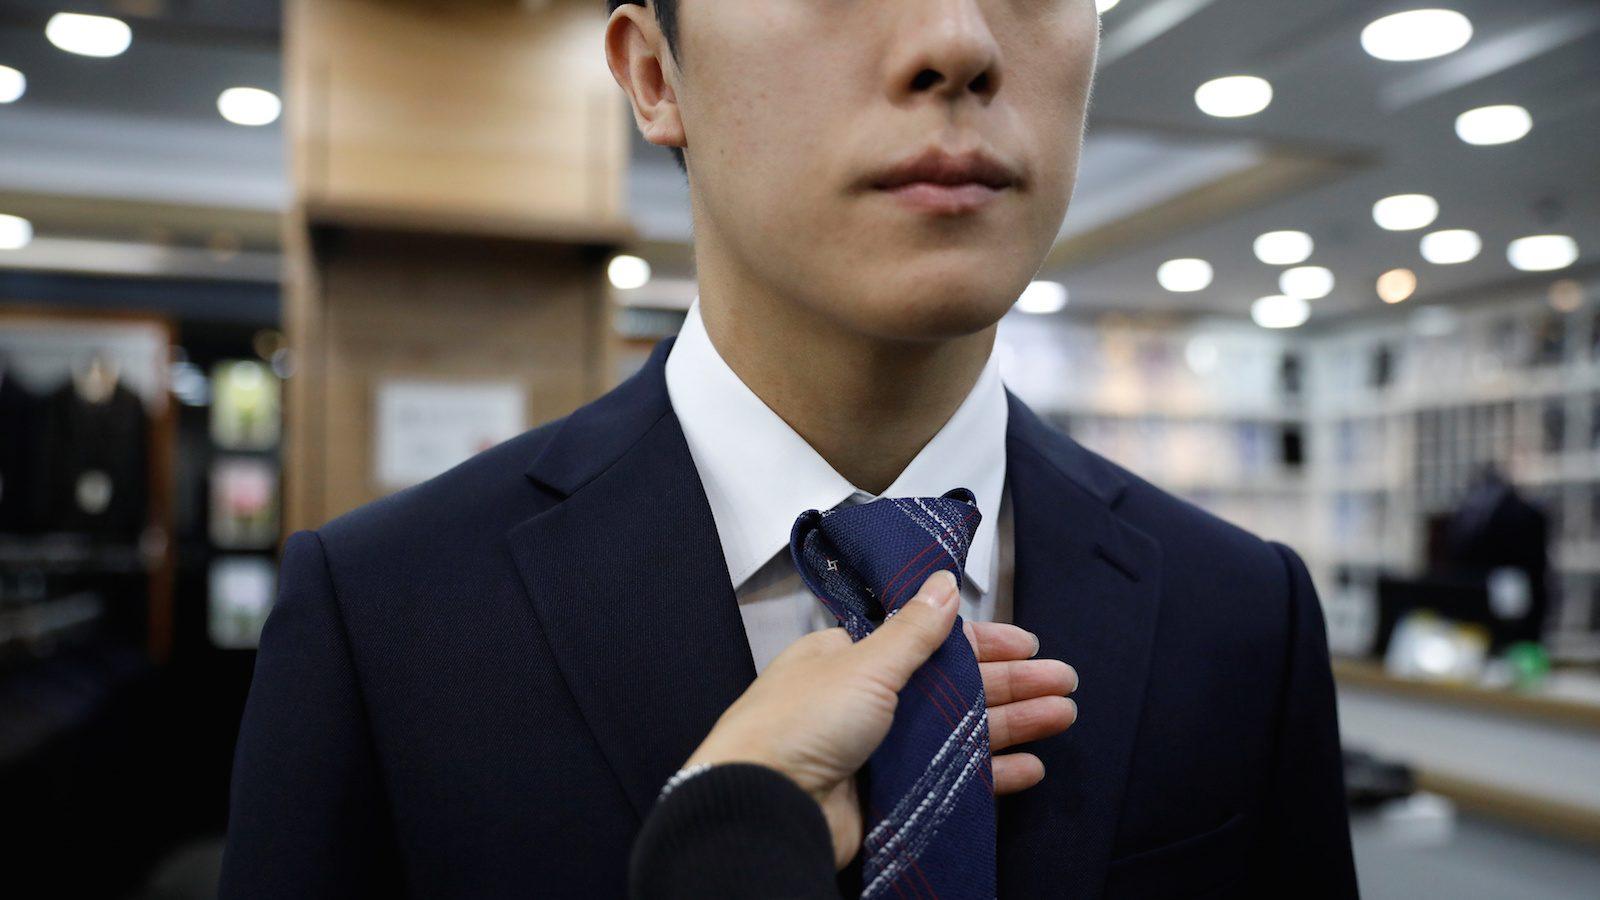 man in suit tries on tie